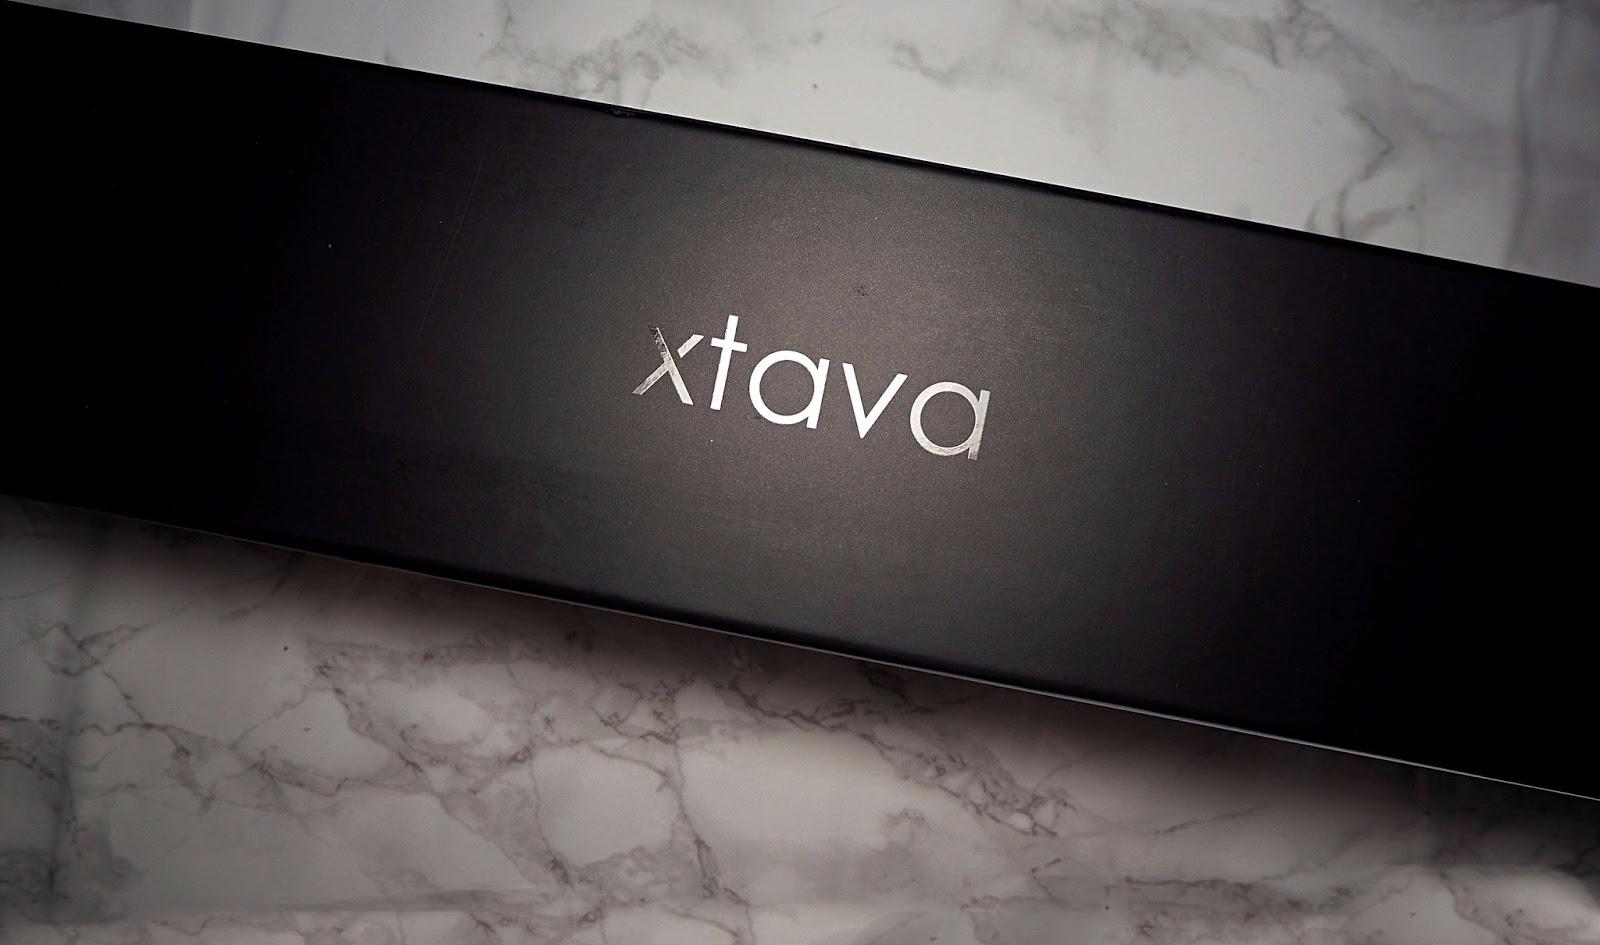 Xtava Packaging